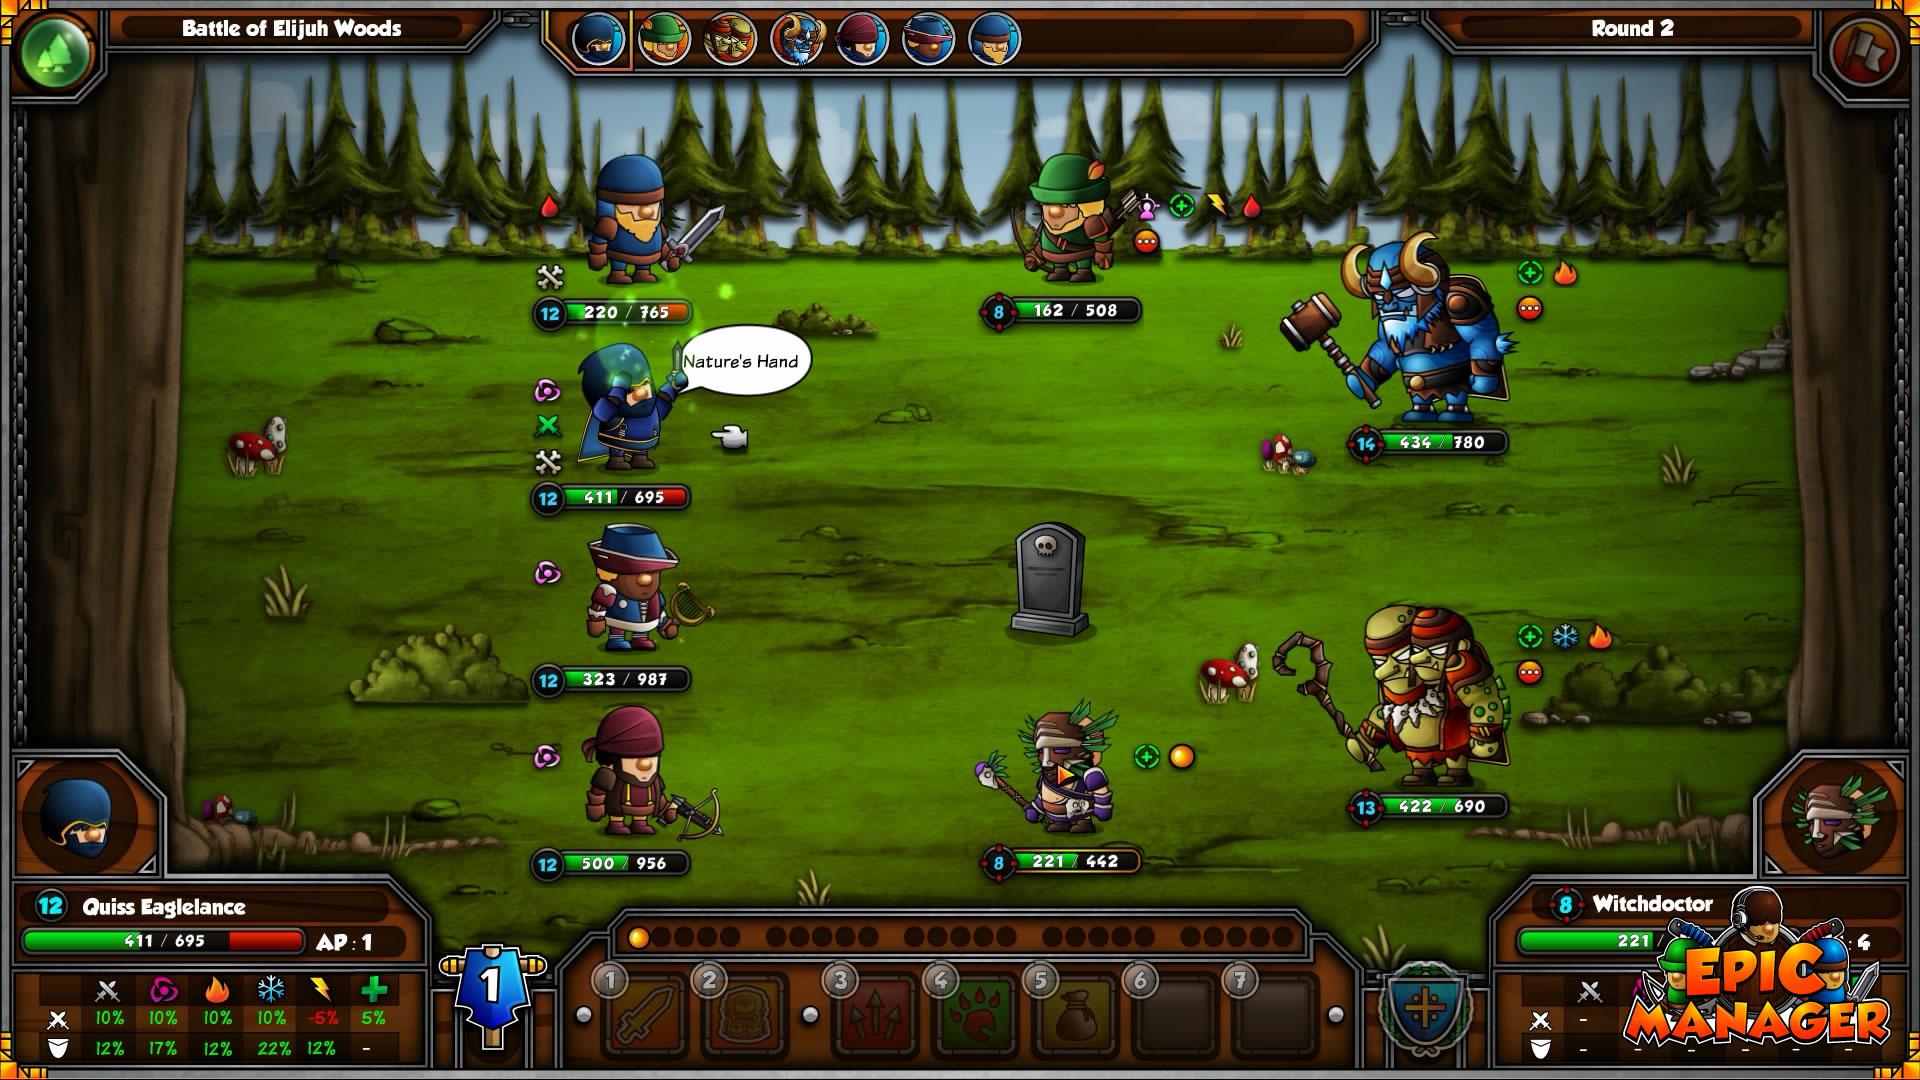 epicmanager_screenshot_nobanner_06_combat